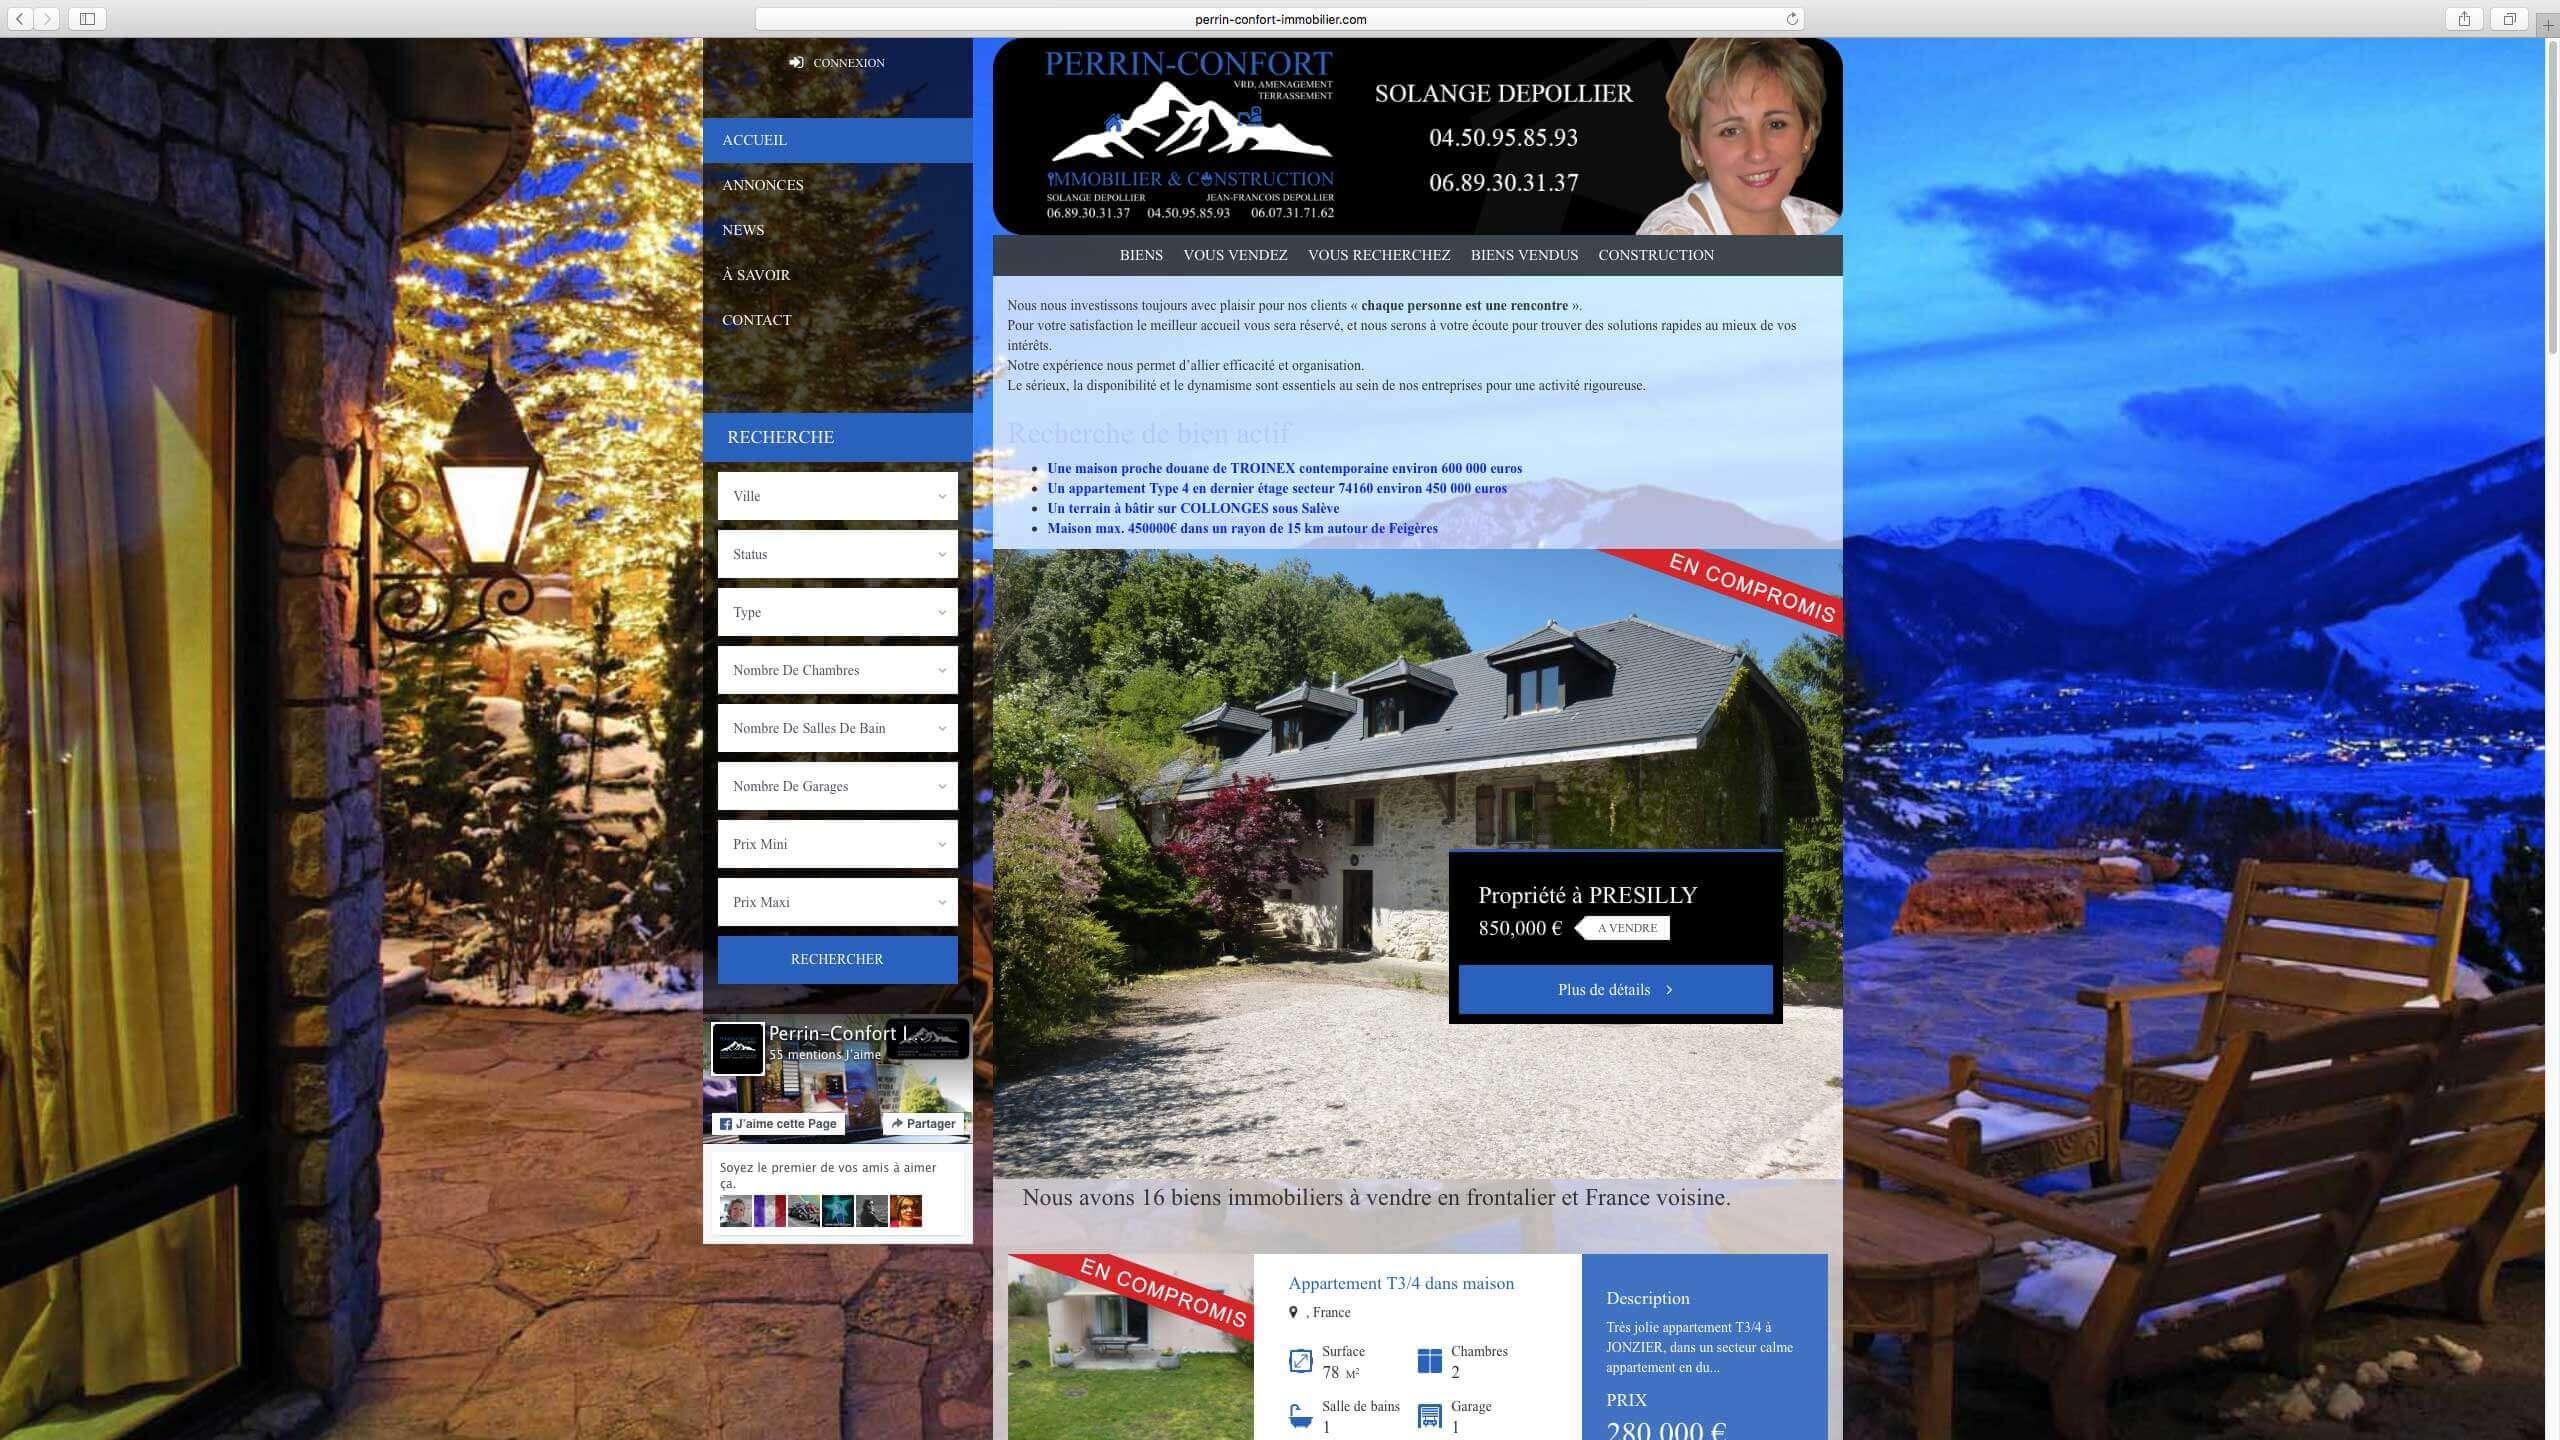 Capture d'écran du site internet Perrin-Confort Immobilier réalisé par Kevin de Sousa